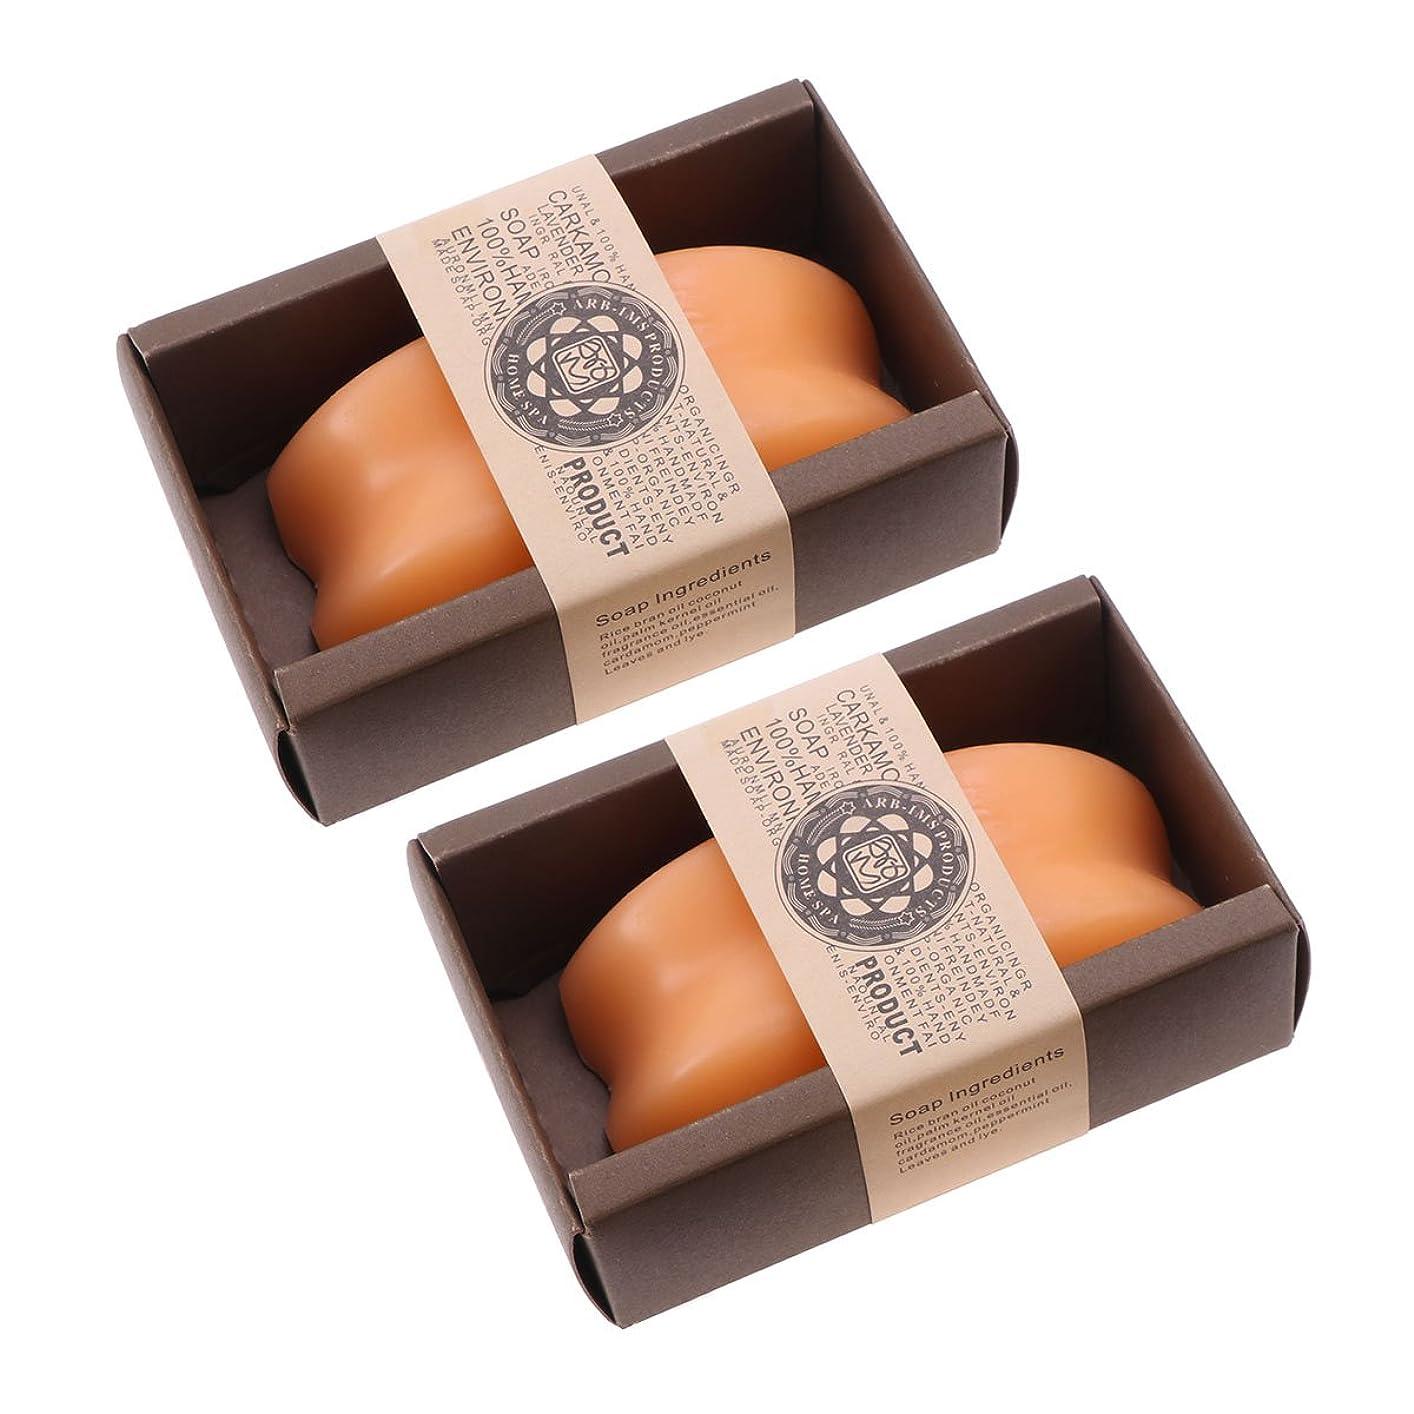 窓を洗うぴかぴか助けてLurrose パパイヤソープオーガニック手作りエッセンシャルオイルソープバーモイスチャライジングボディウォッシュソープ2個(オレンジ)